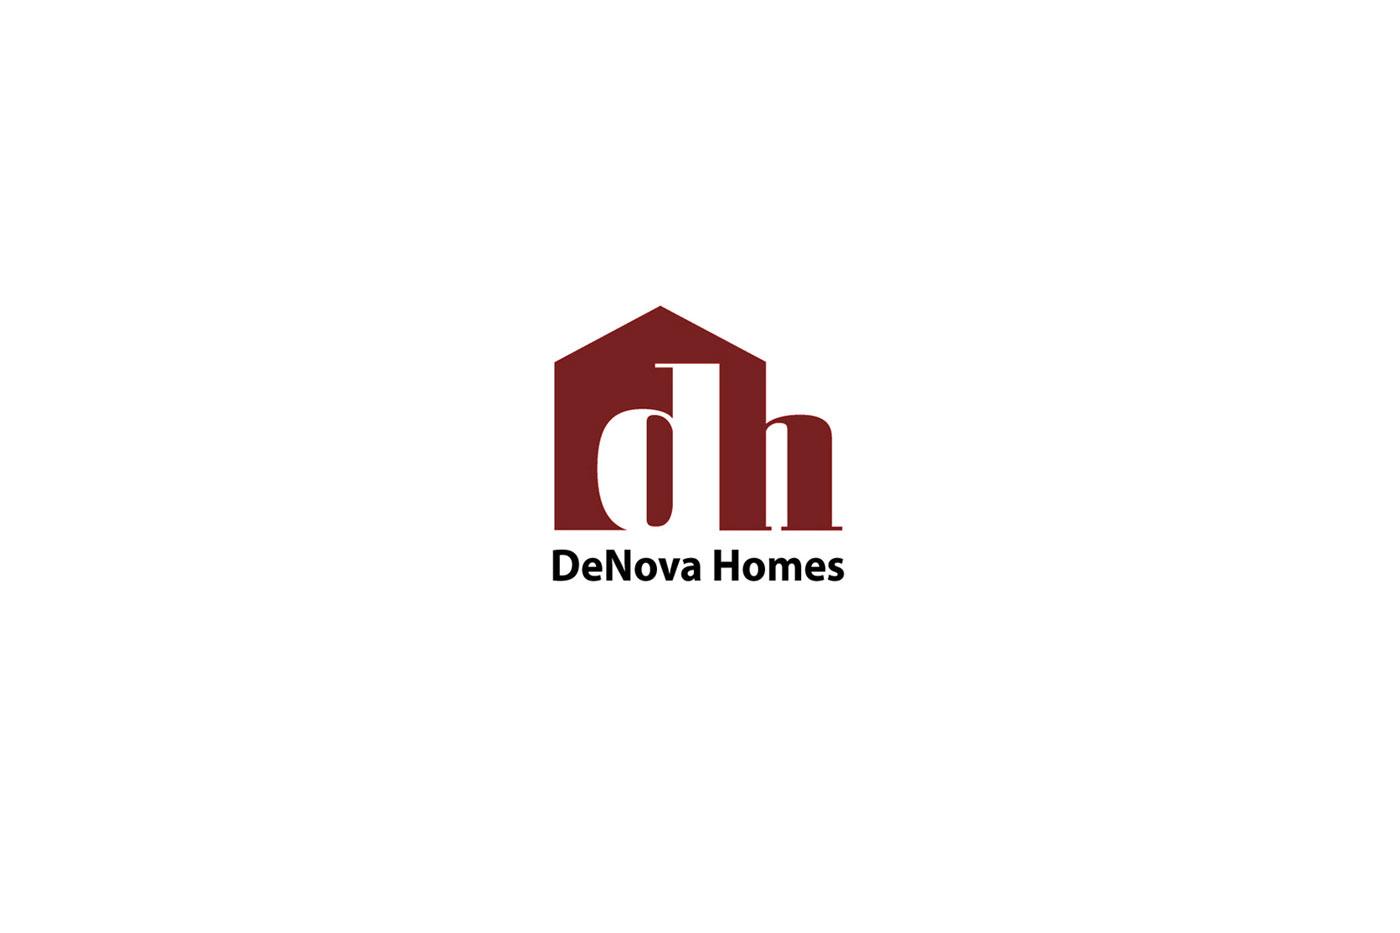 DeNova Homes